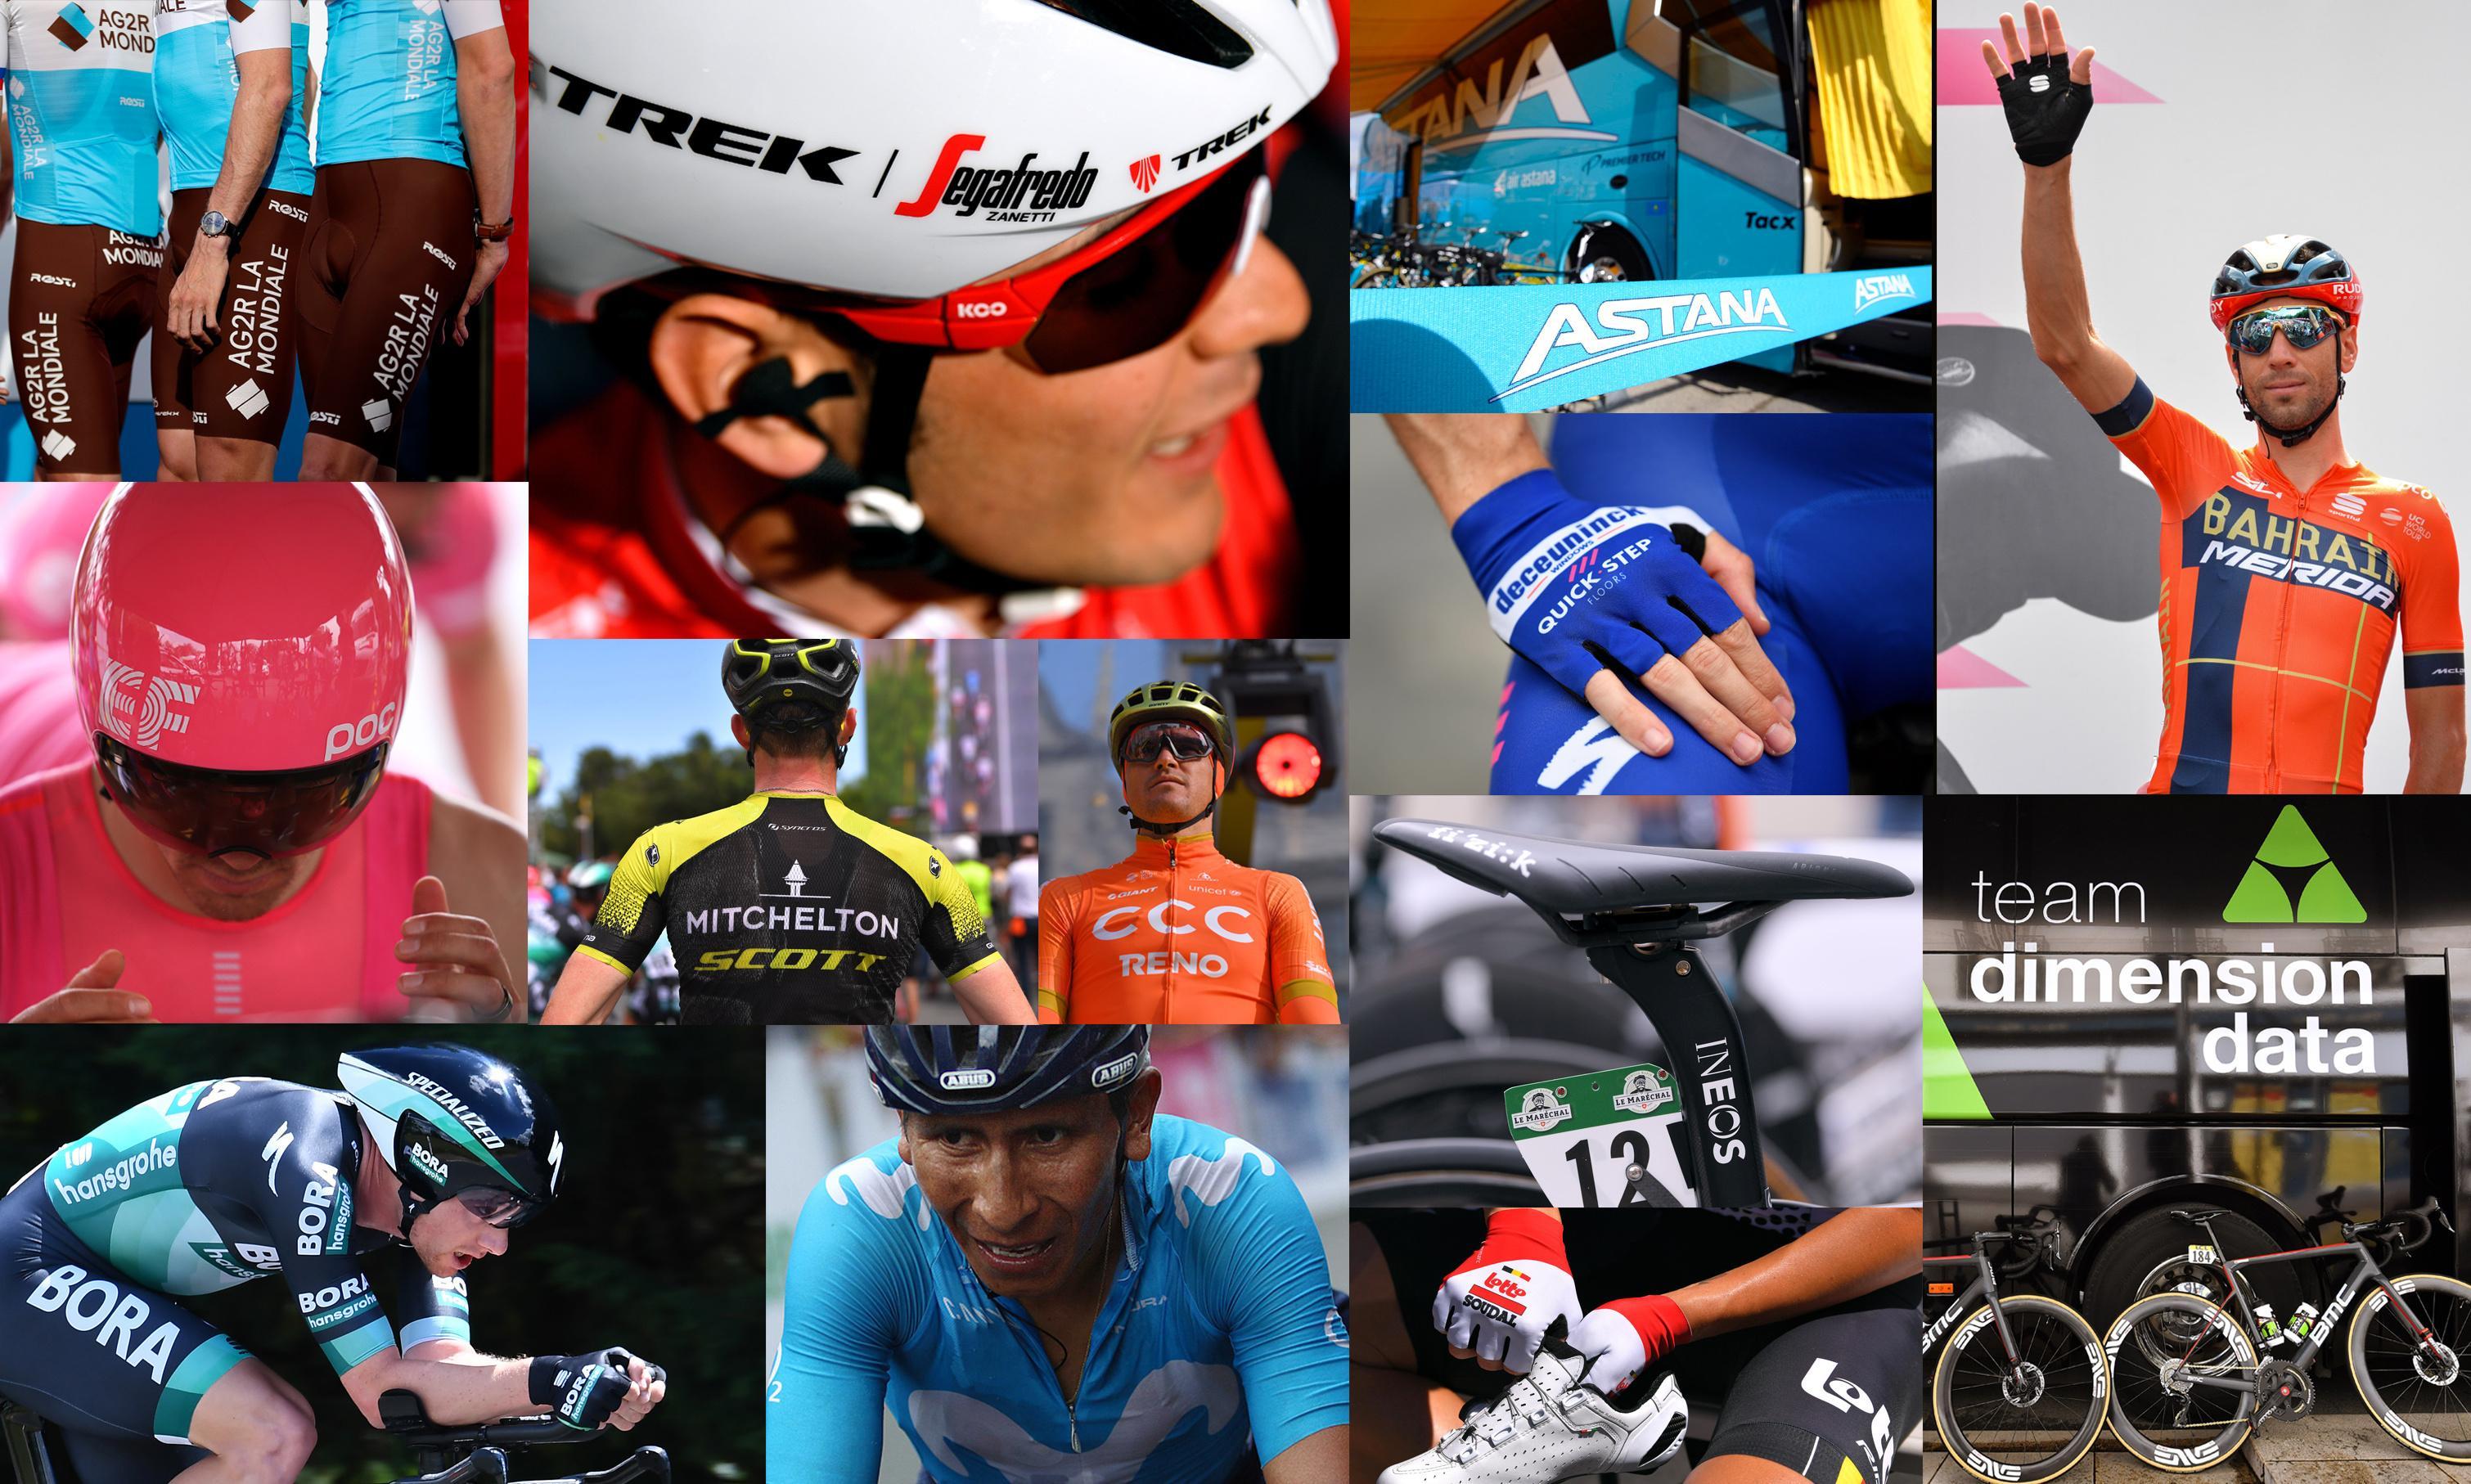 Tour de France 2019: full team-by-team guide